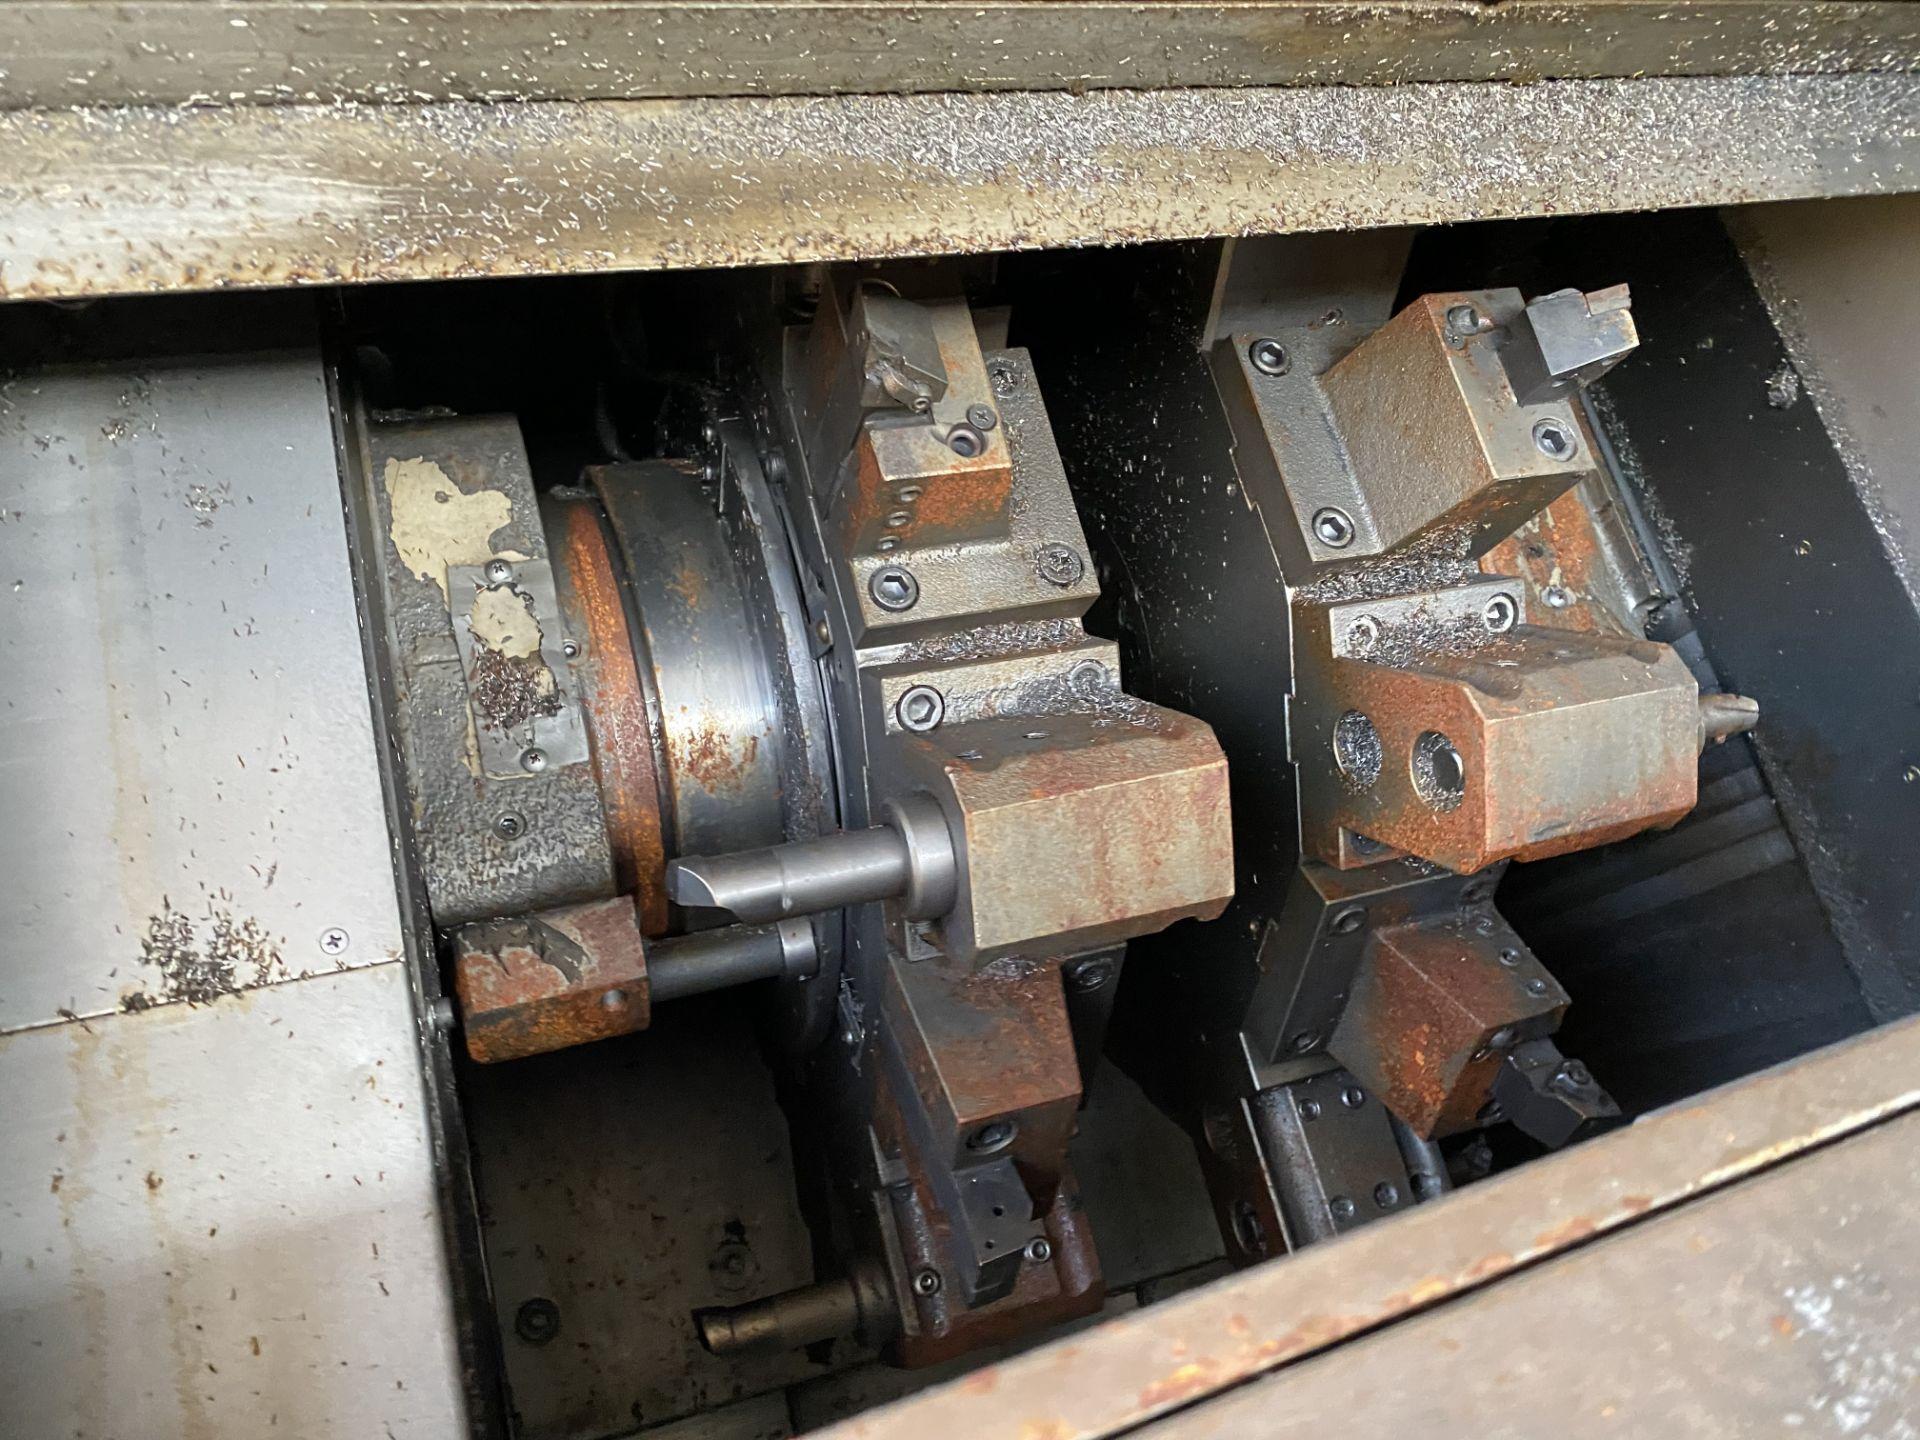 Nakamura-Tome #TW-30 CNC Lathe - Image 2 of 4